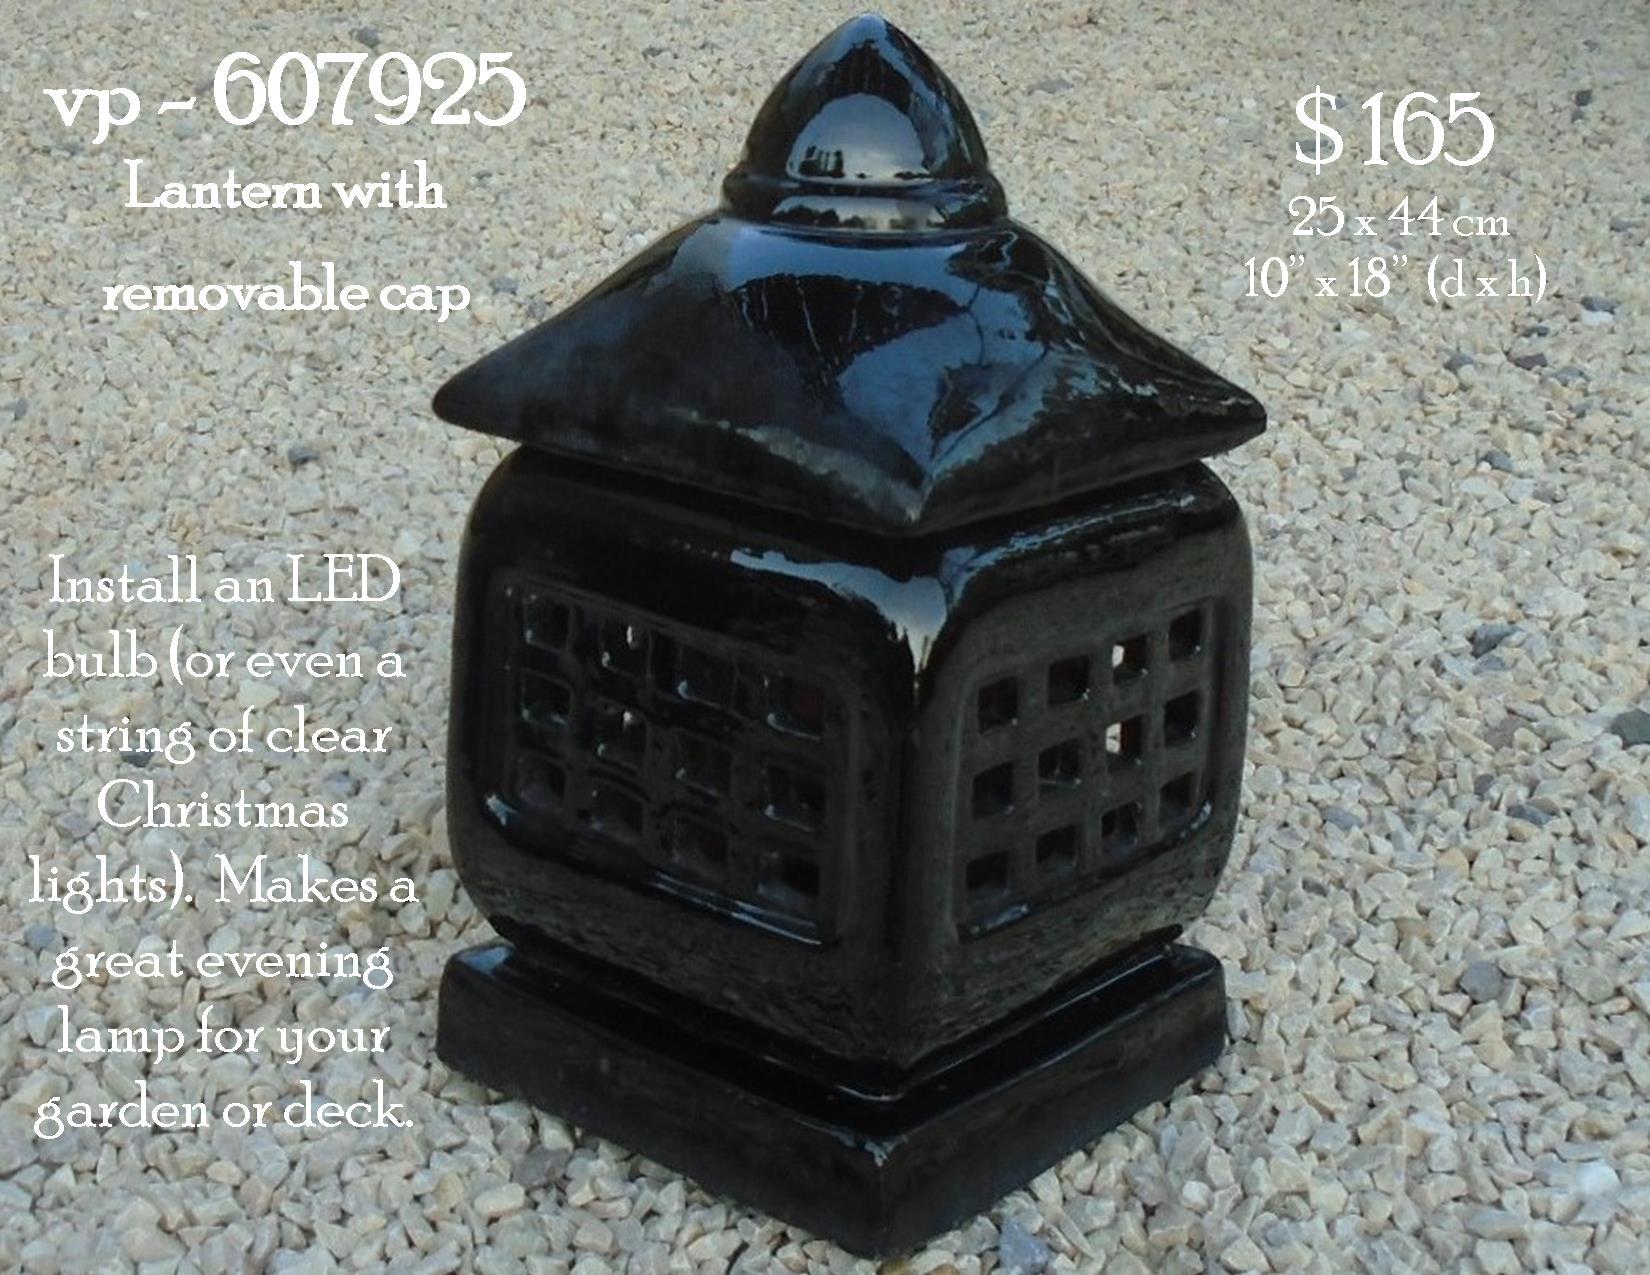 vp - 607925  ceramic lantern